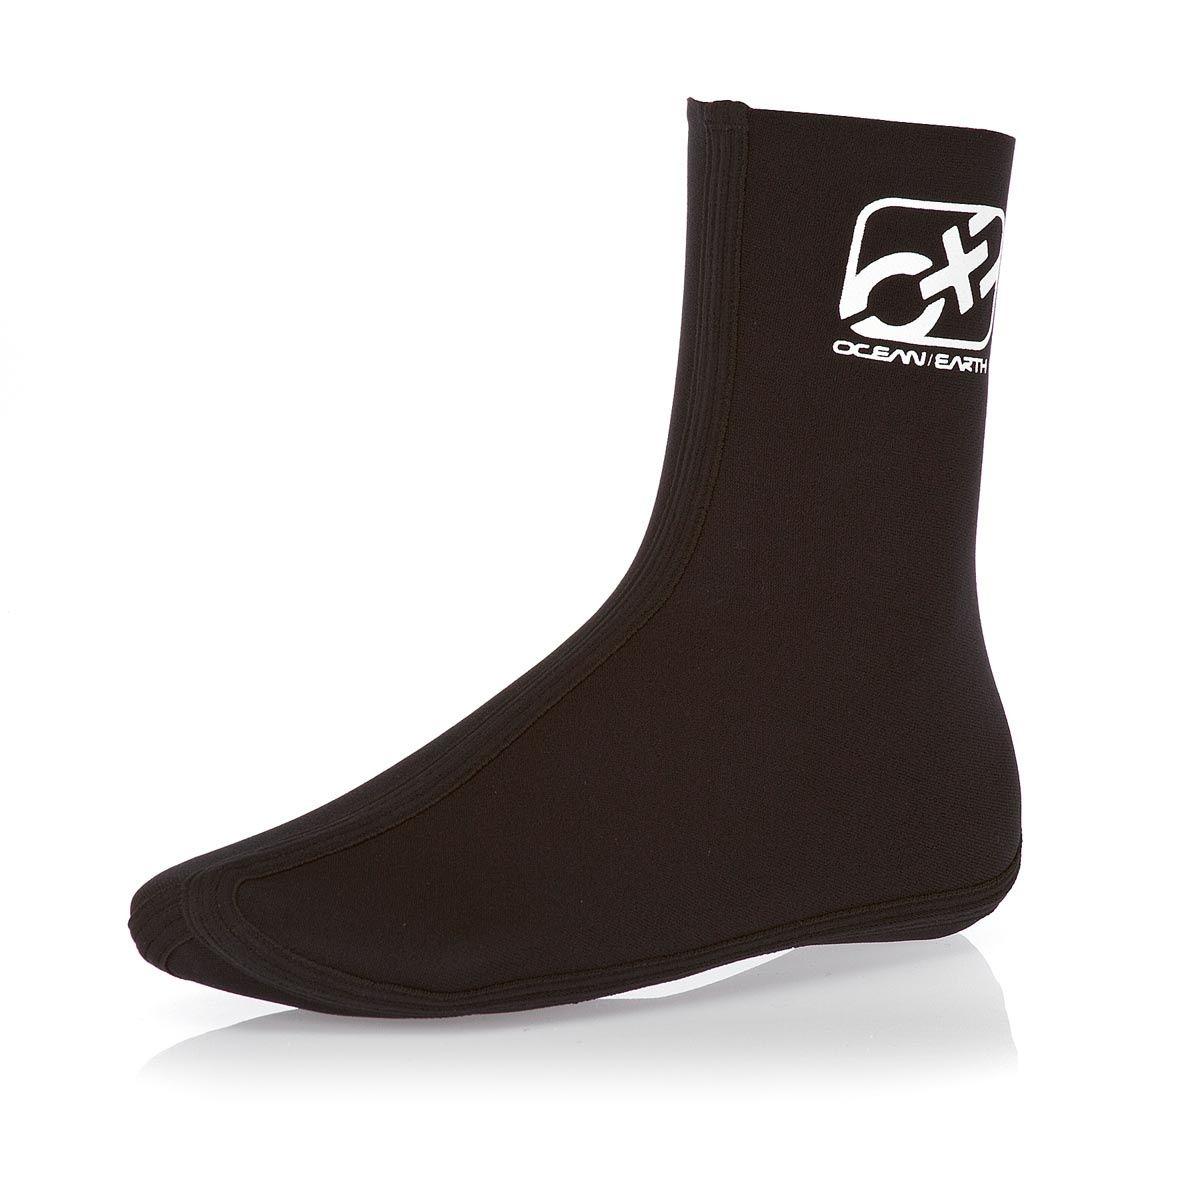 230a7402cccc8 escarpines de neopreno 1mm para bodyboard socks calcetines 12.95 ...